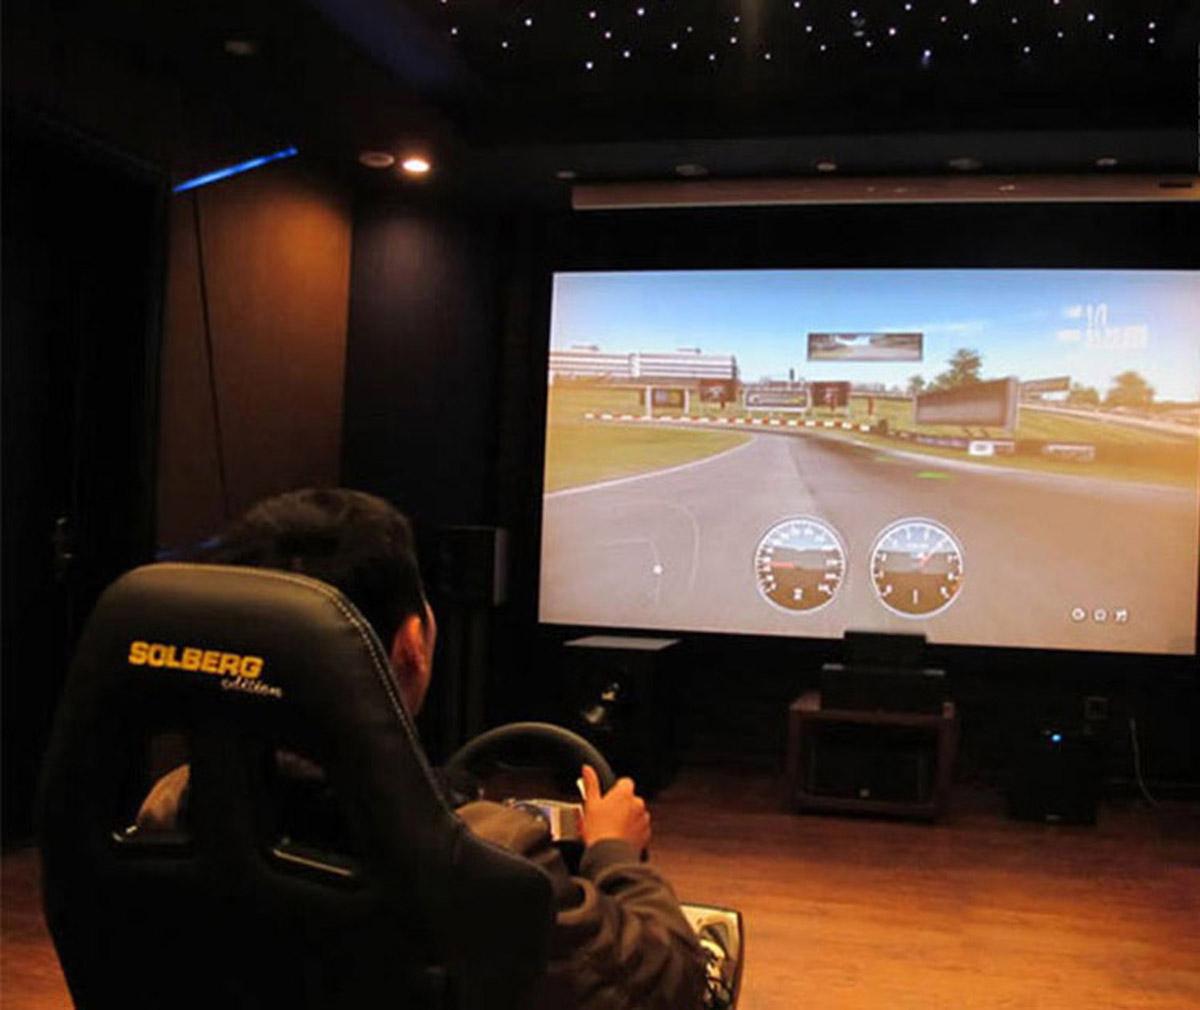 东丽安全体验VR虚拟仿真漫游